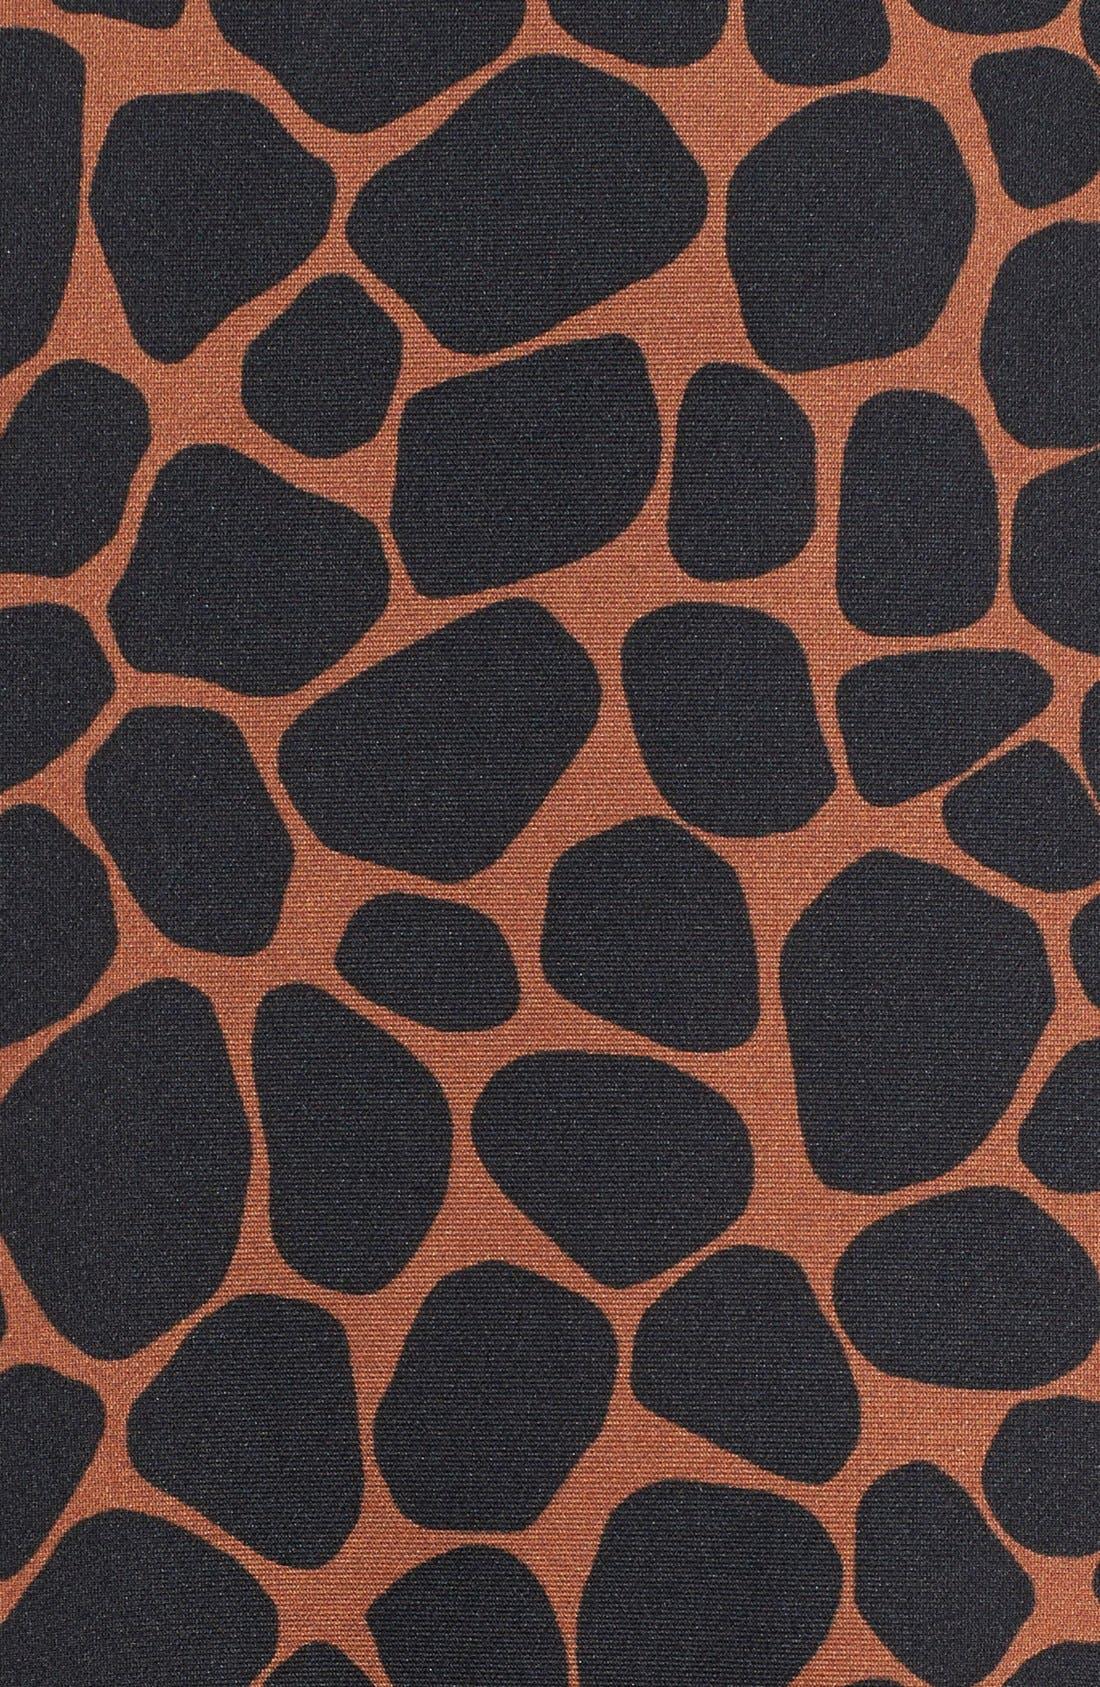 Animal Print Scuba Knit Dress,                             Alternate thumbnail 3, color,                             211